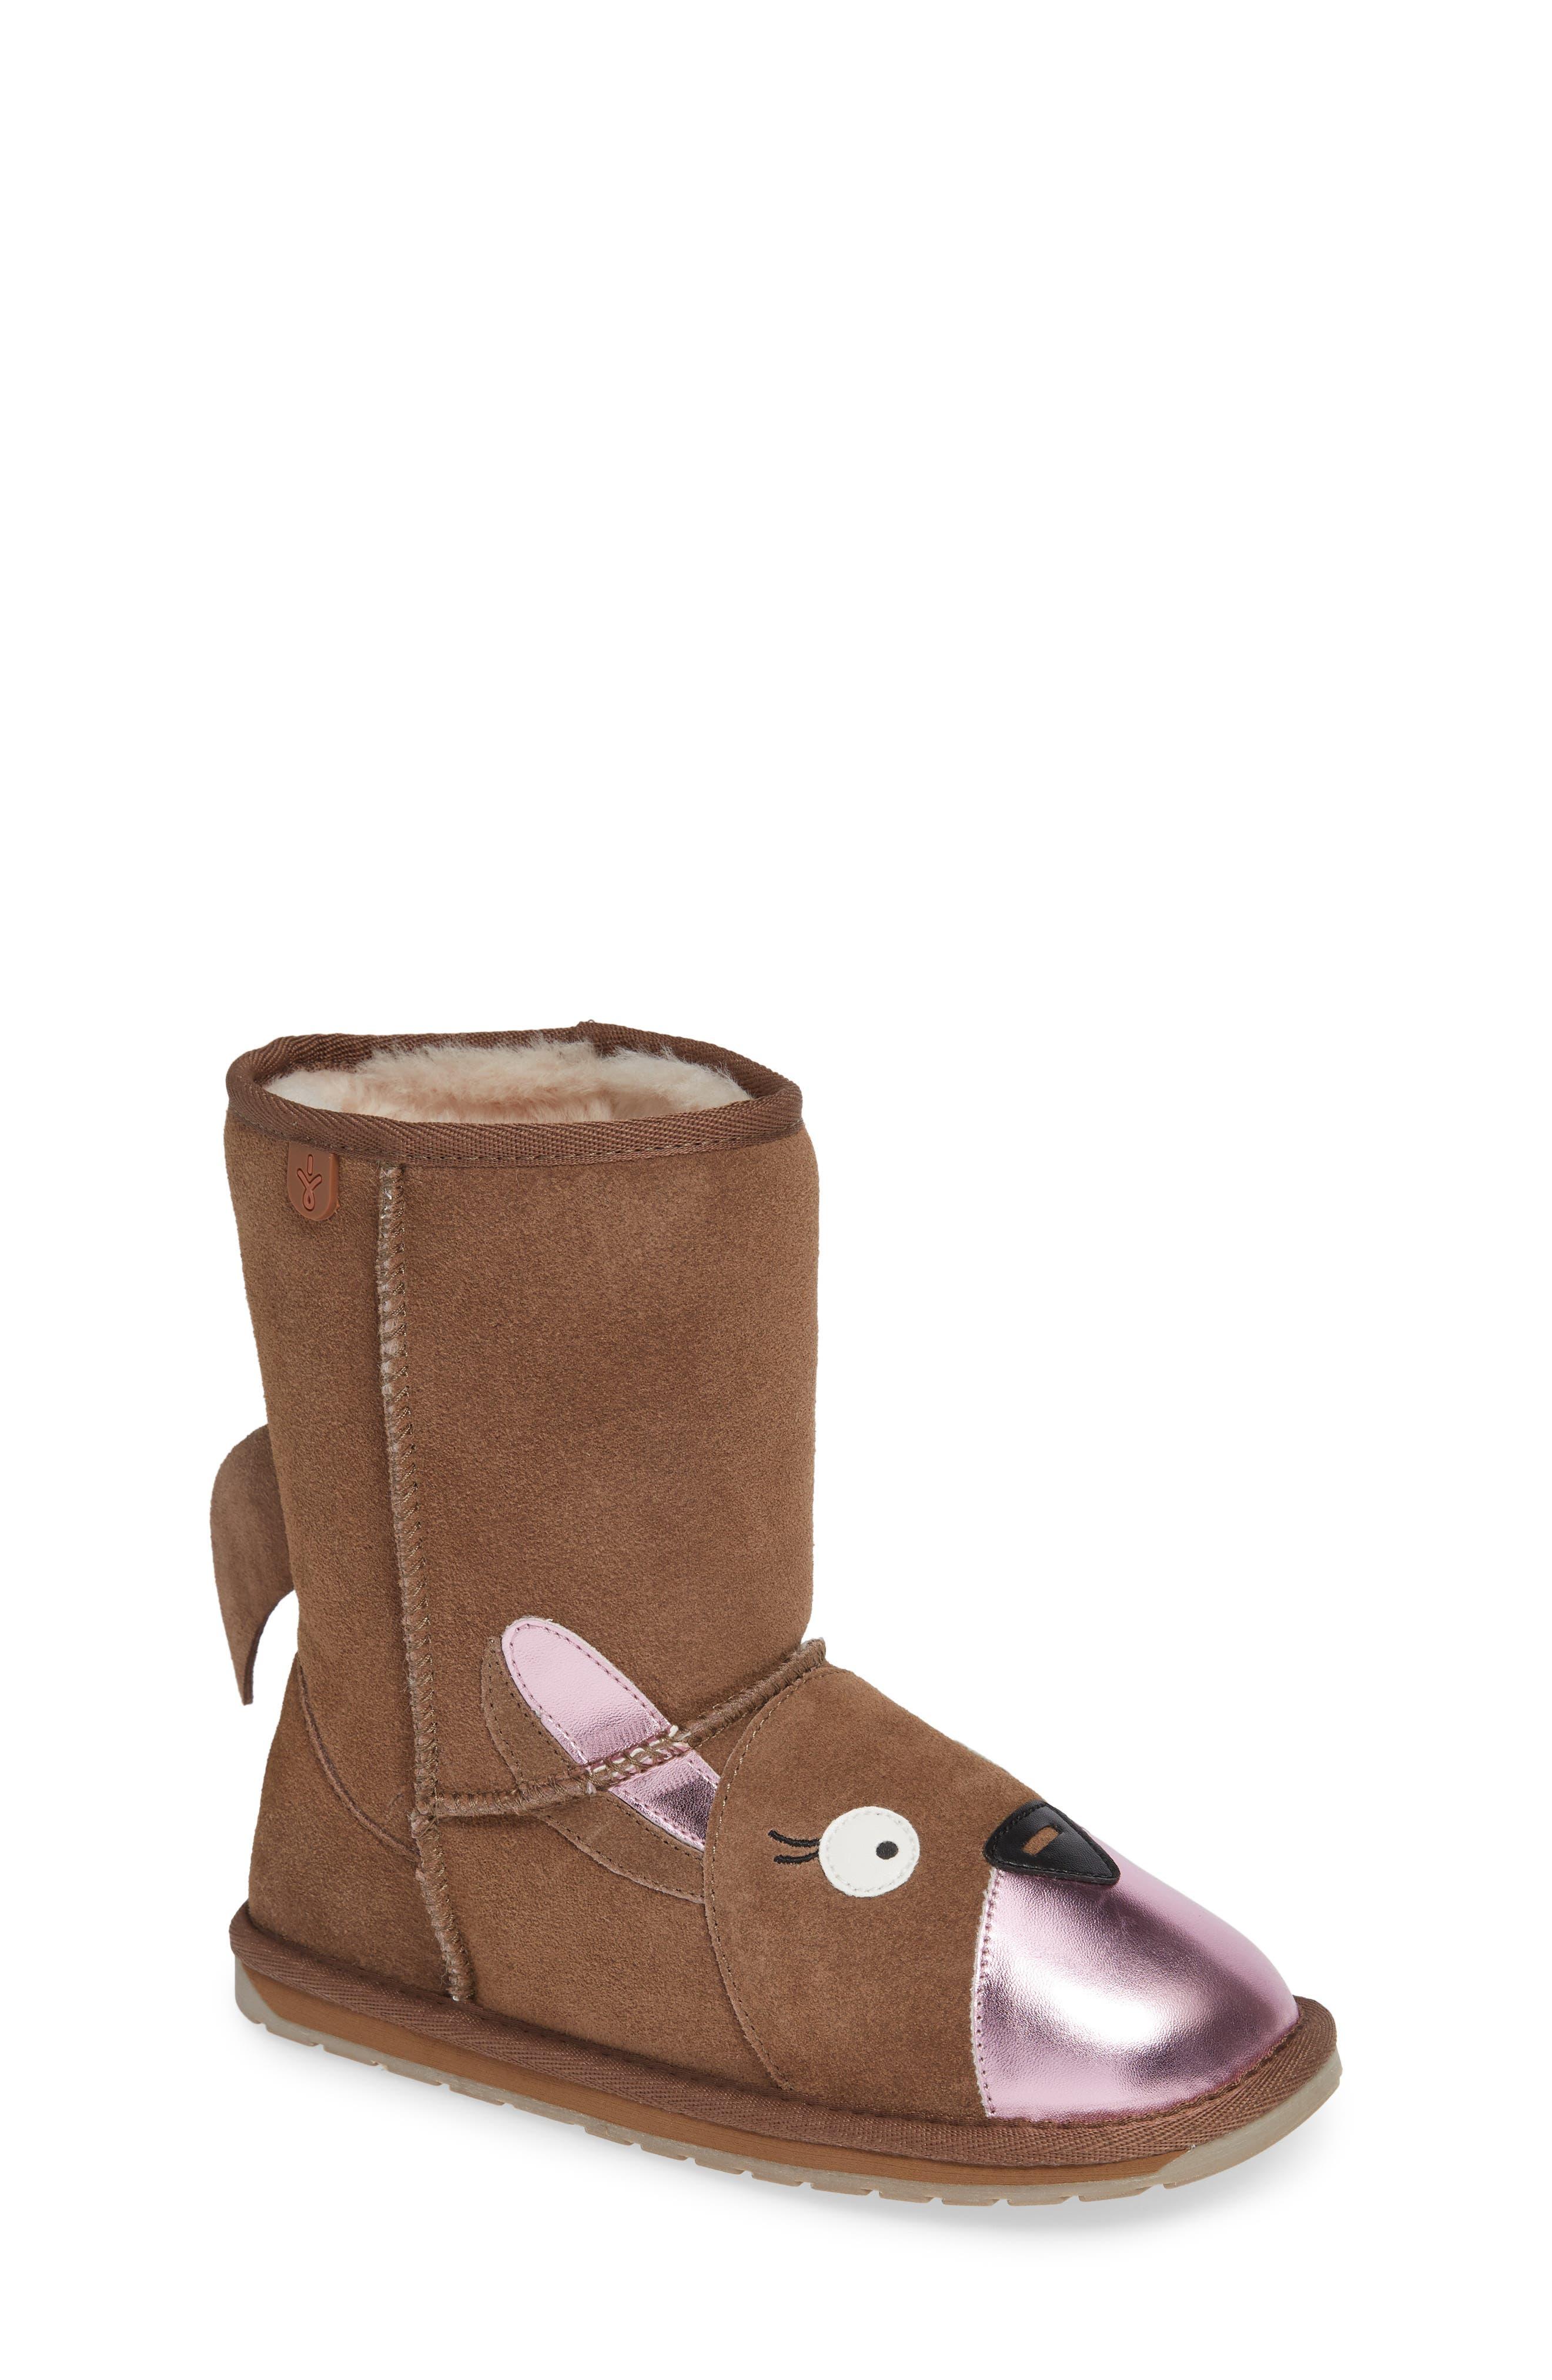 Kanga Wool Lined Boot,                             Main thumbnail 1, color,                             OAK